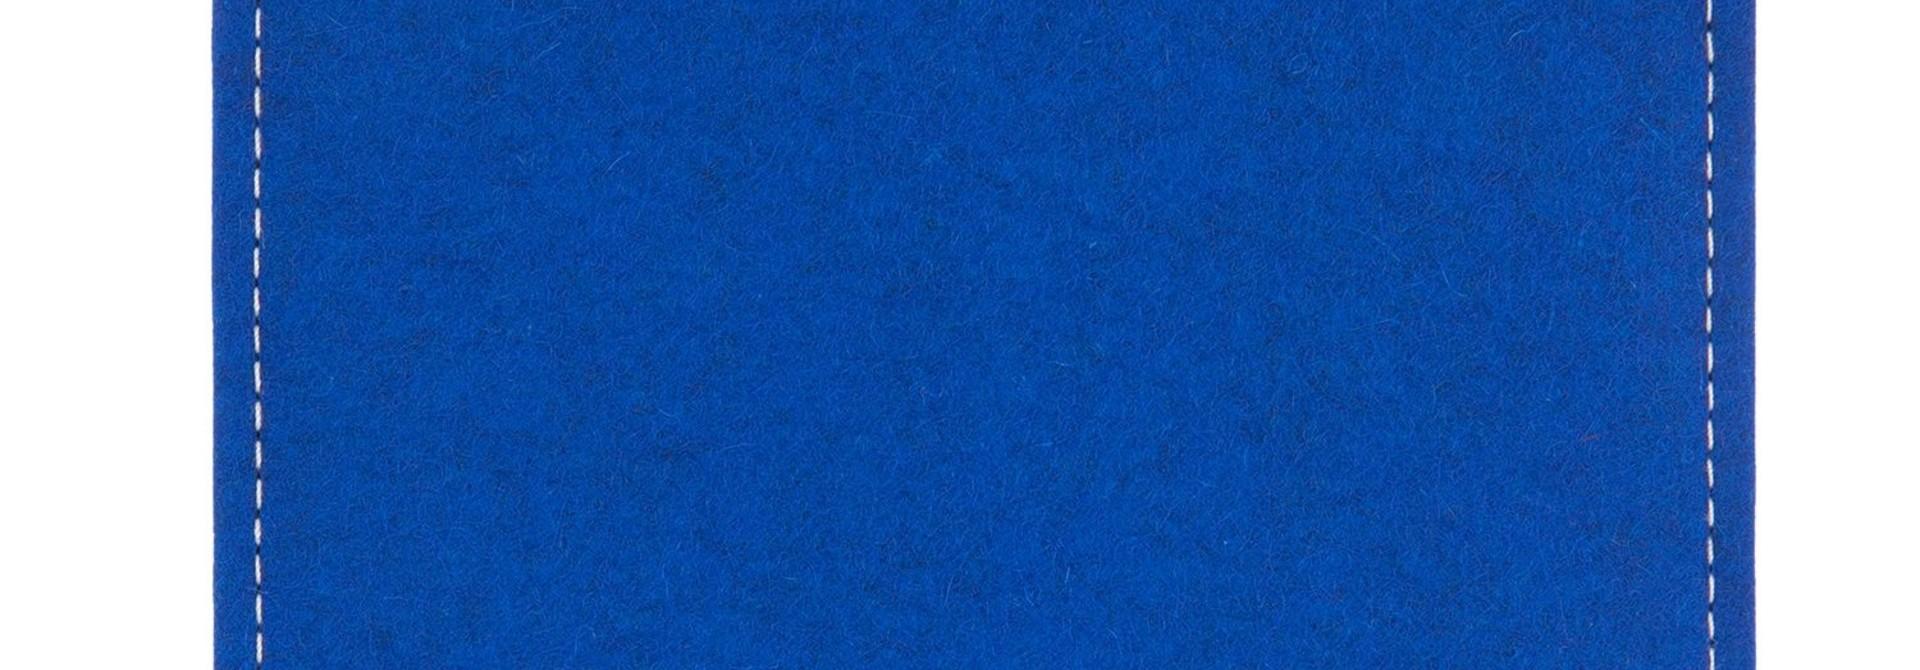 Vision/Page/Shine/Epos Sleeve Azure